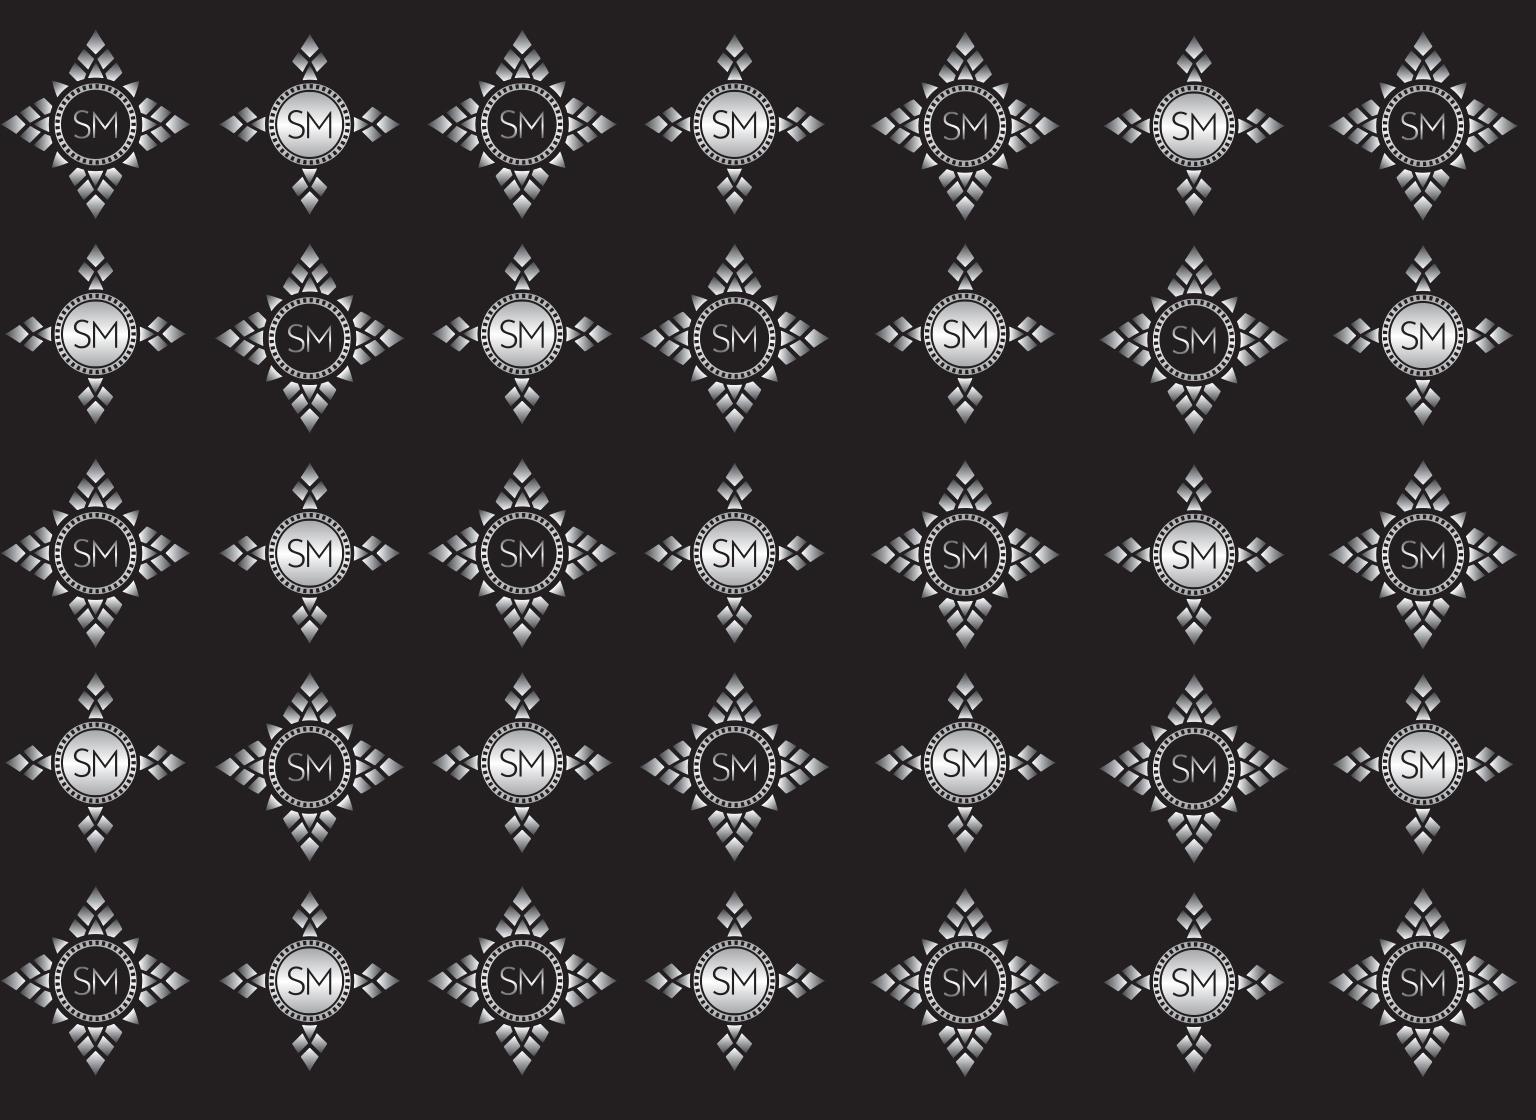 Silver Mountain portfolio inoveo symbol